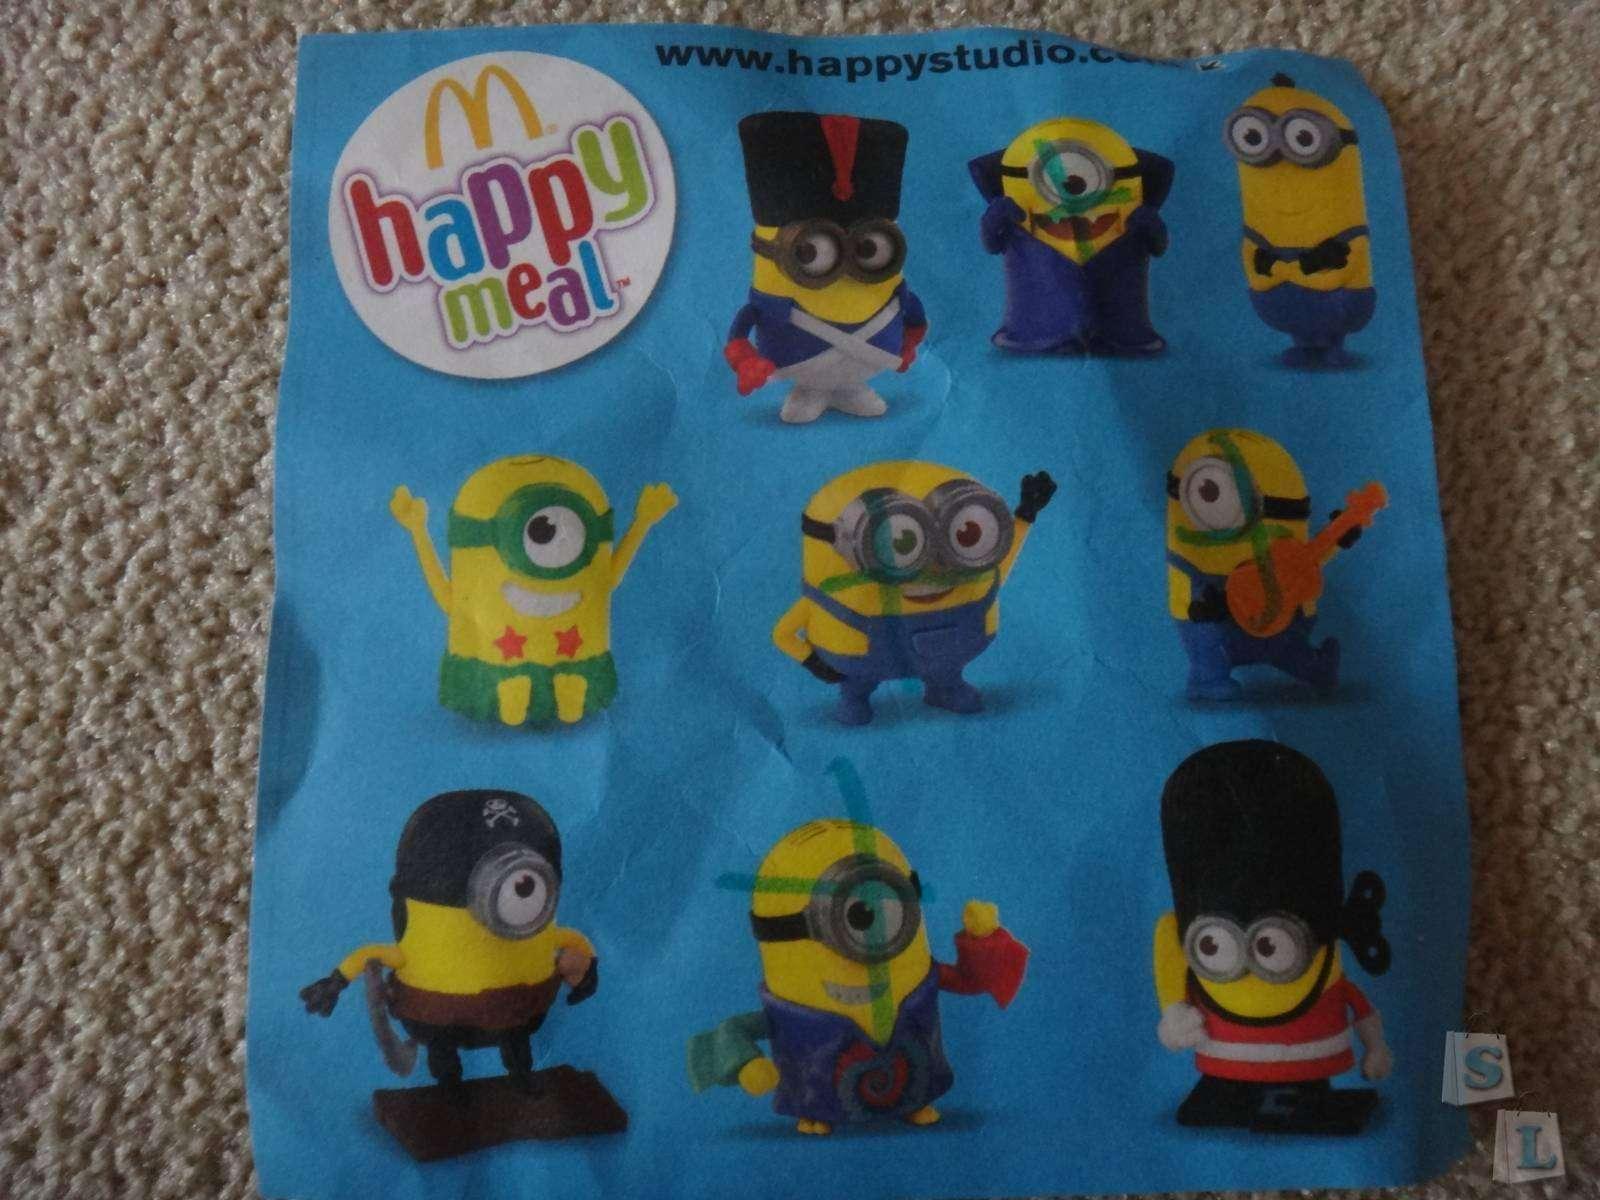 Другие: Обзор первой части коллекции миньонов  из МакДоналдс ('Хеппи Милл') - Посипаки Happymeal